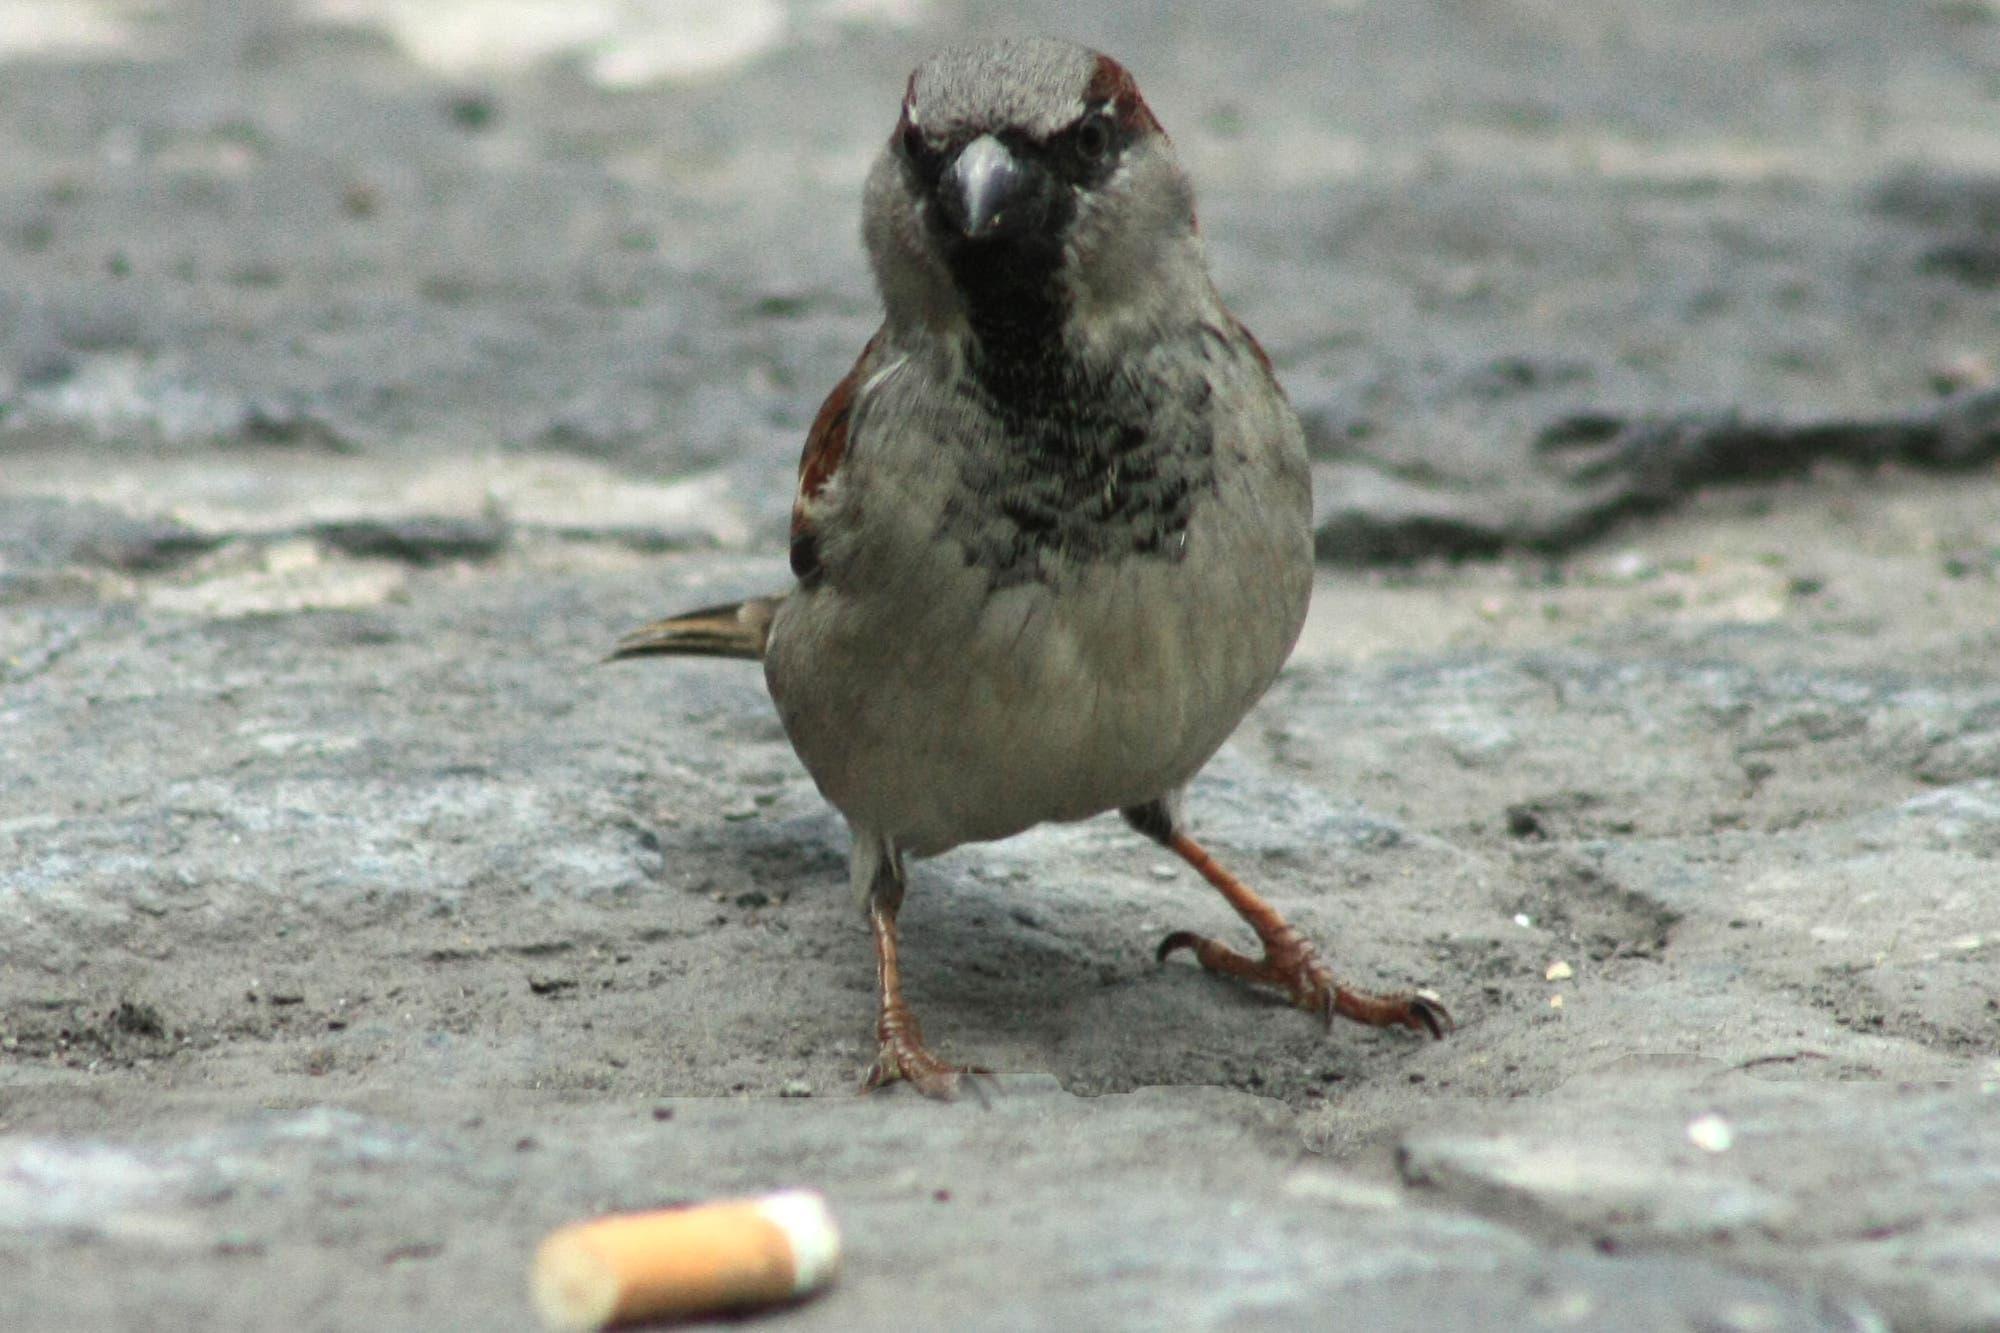 Mexikanischer Hausspatz sucht ungewöhnliches Nestmaterial